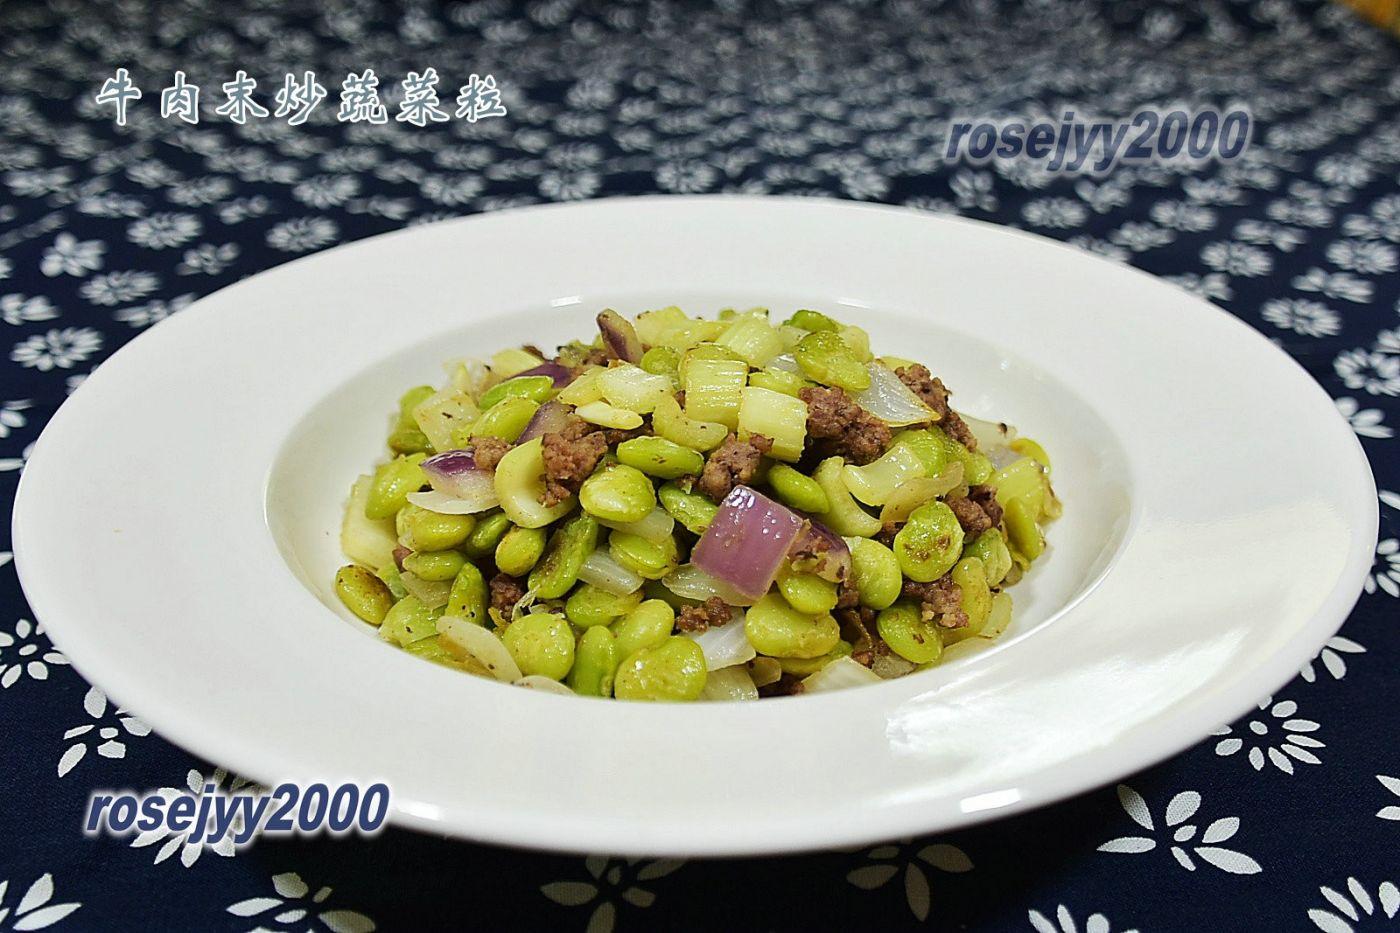 牛肉末炒蔬菜粒_图1-1